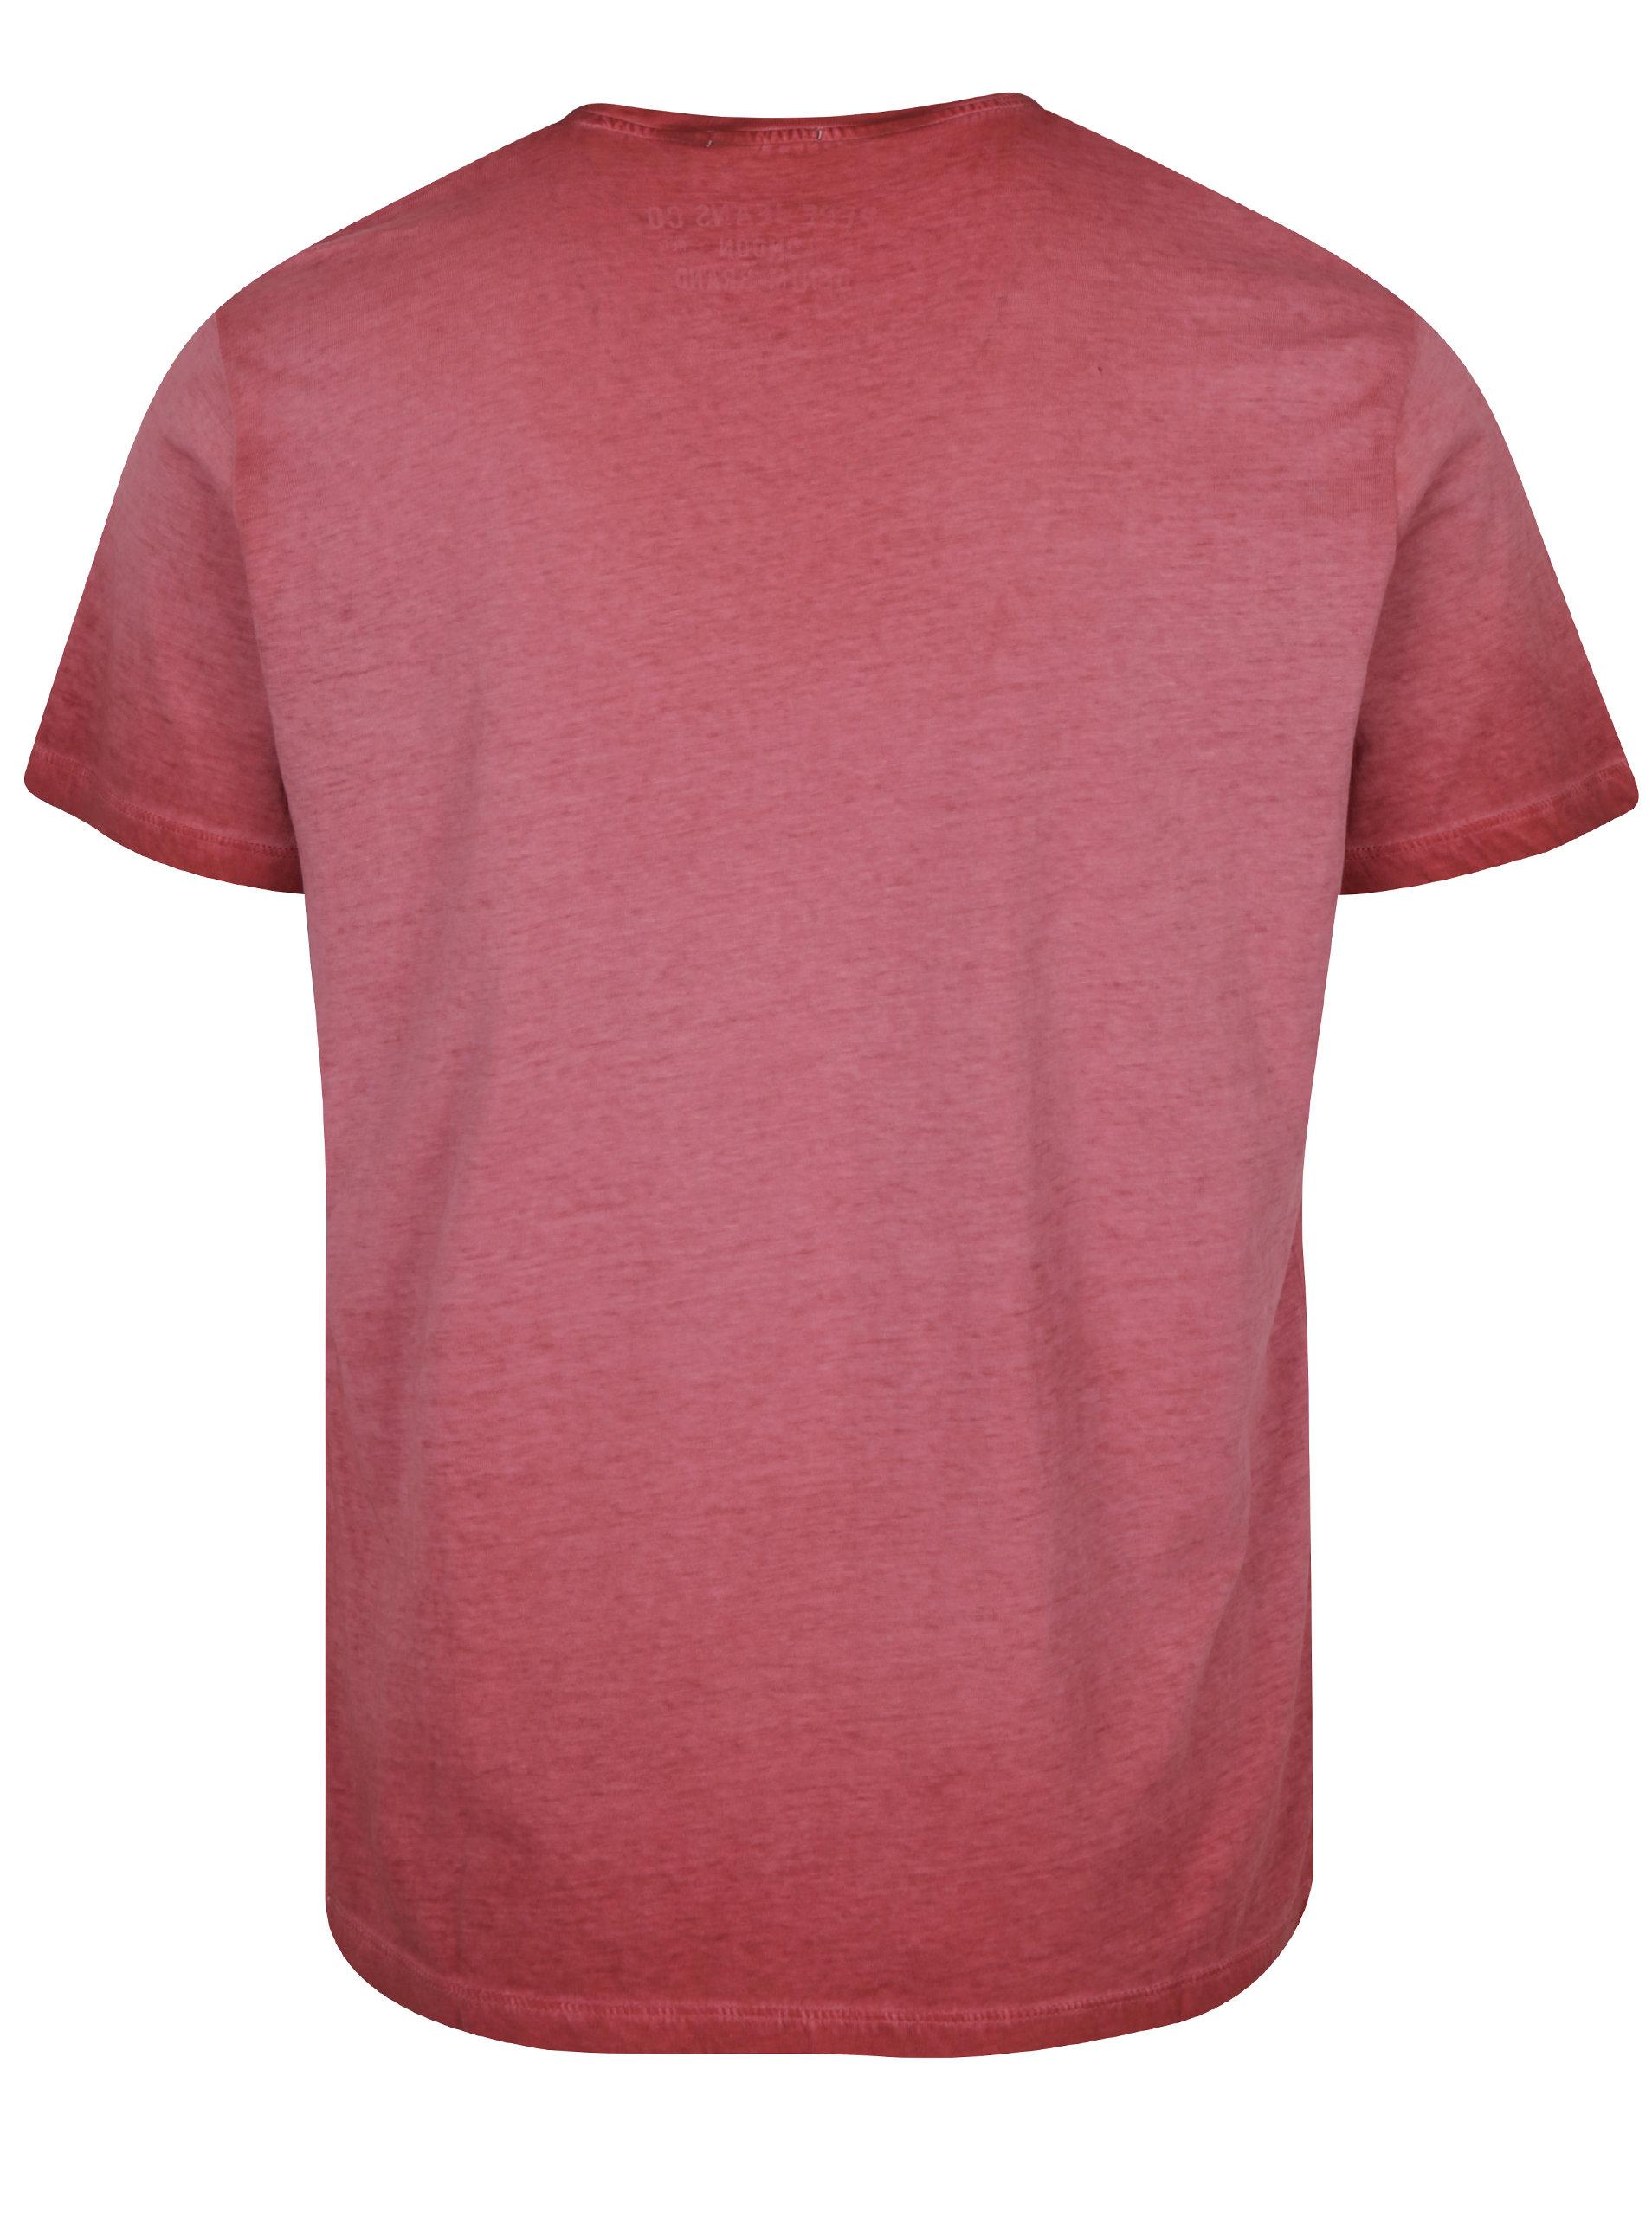 b2bb2b95d08 Červené pánské tričko s nápisem Pepe Jeans West Sir II ...